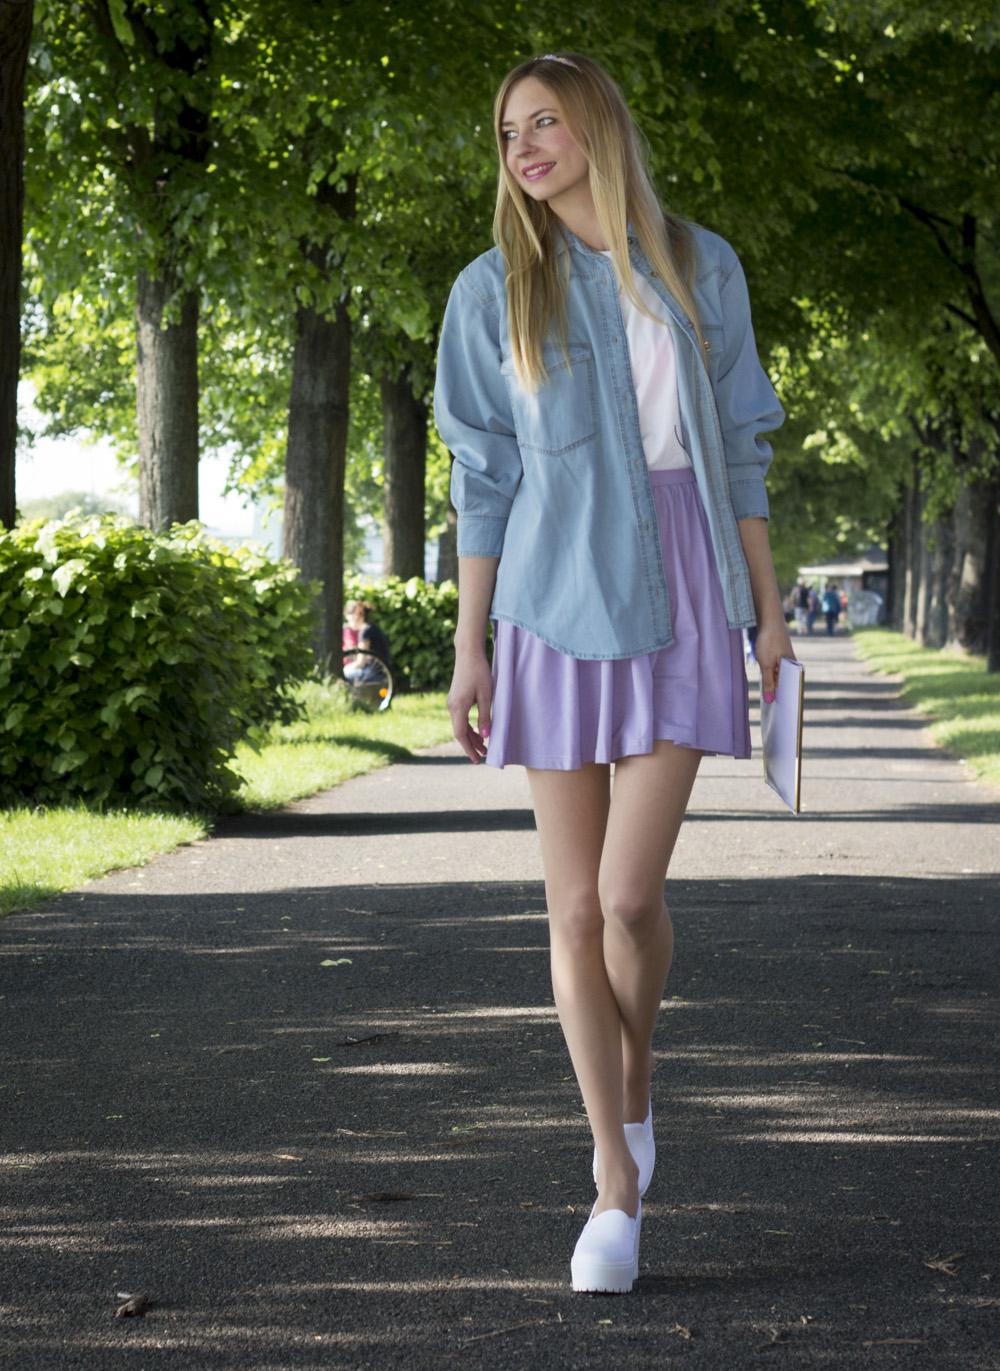 Boyfriend Jeanshemd & Skater Skirt // boyfriend denim blouse & skater skirt